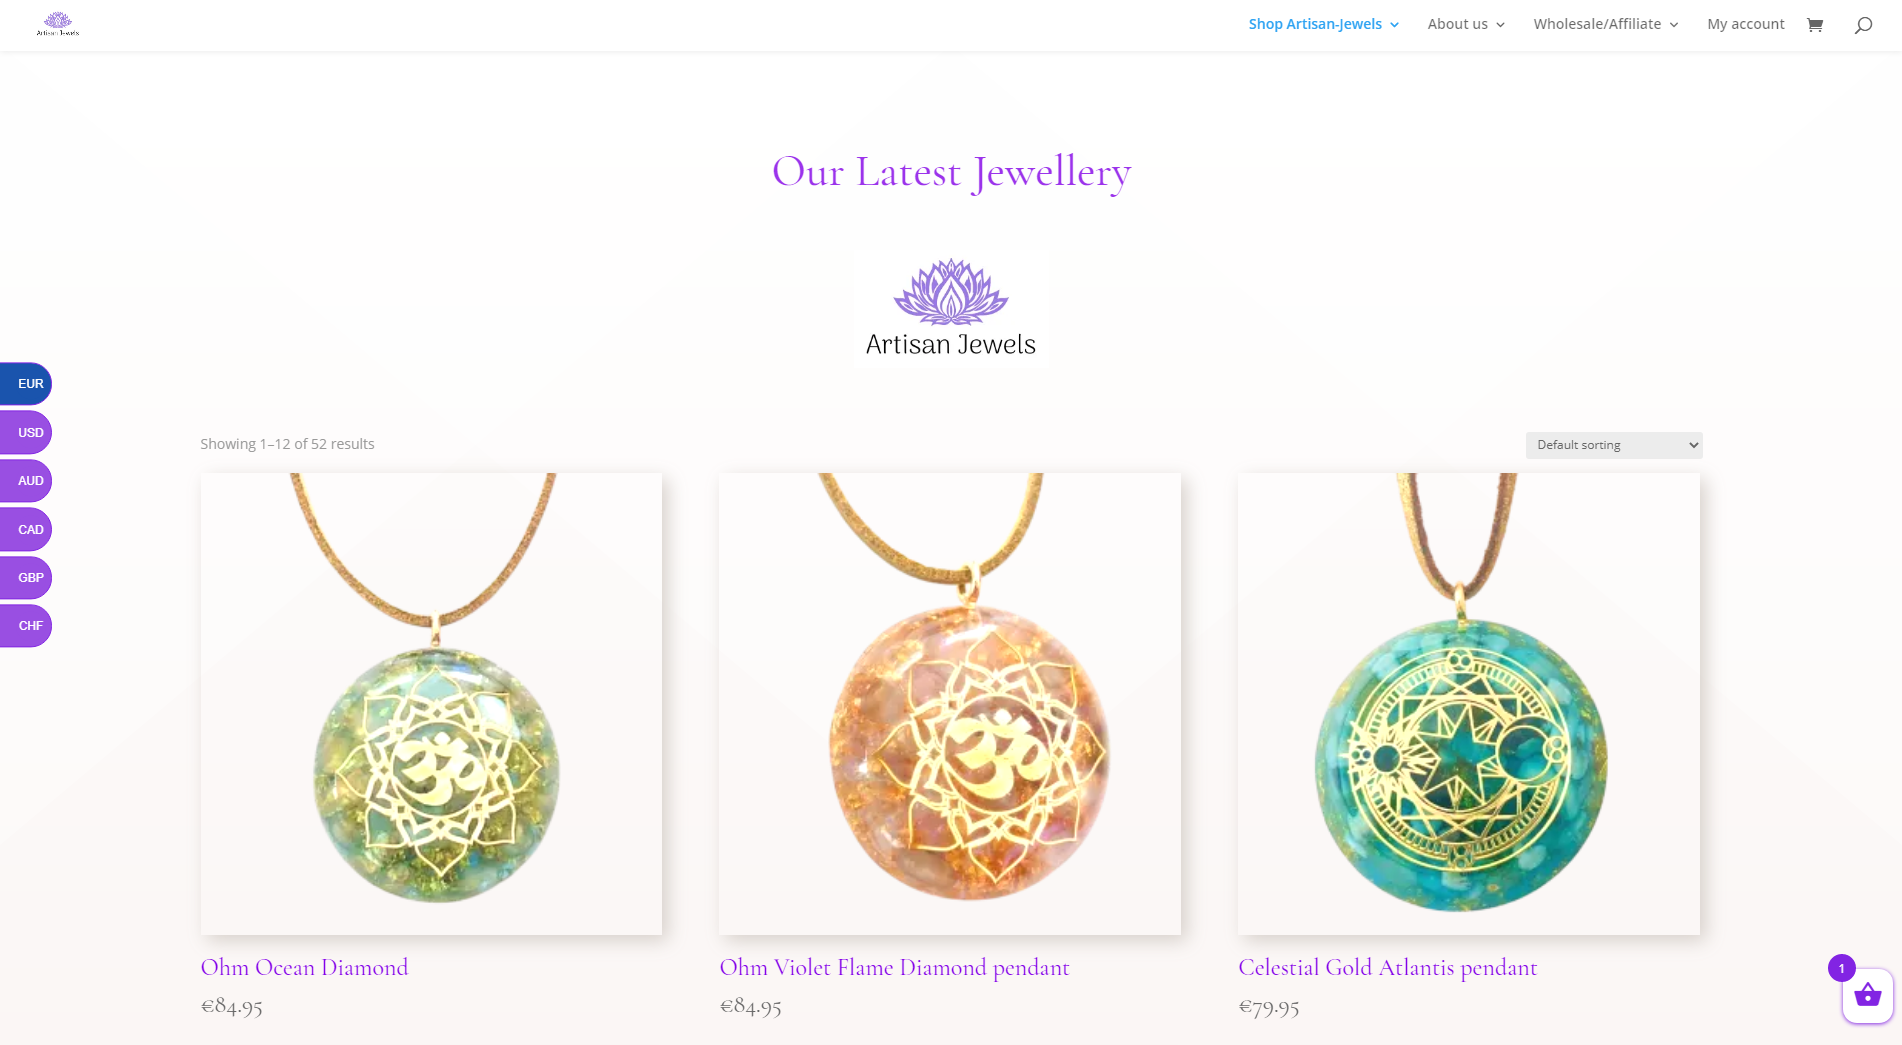 Webwinkel voor Artisan-Jewels.com